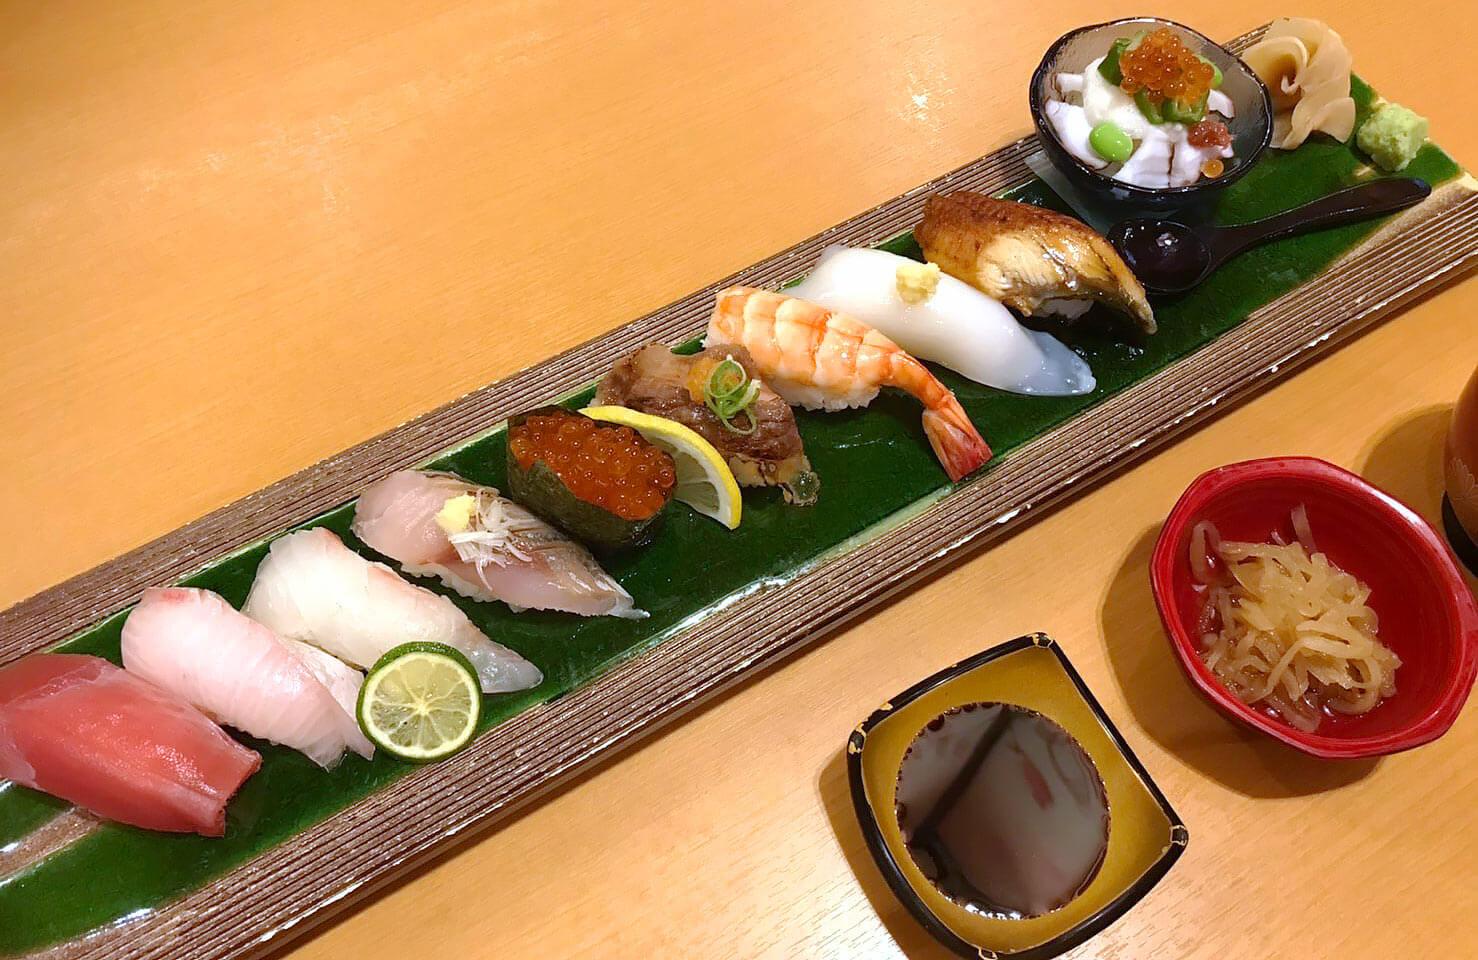 鶴見緑地水春亭のお寿司